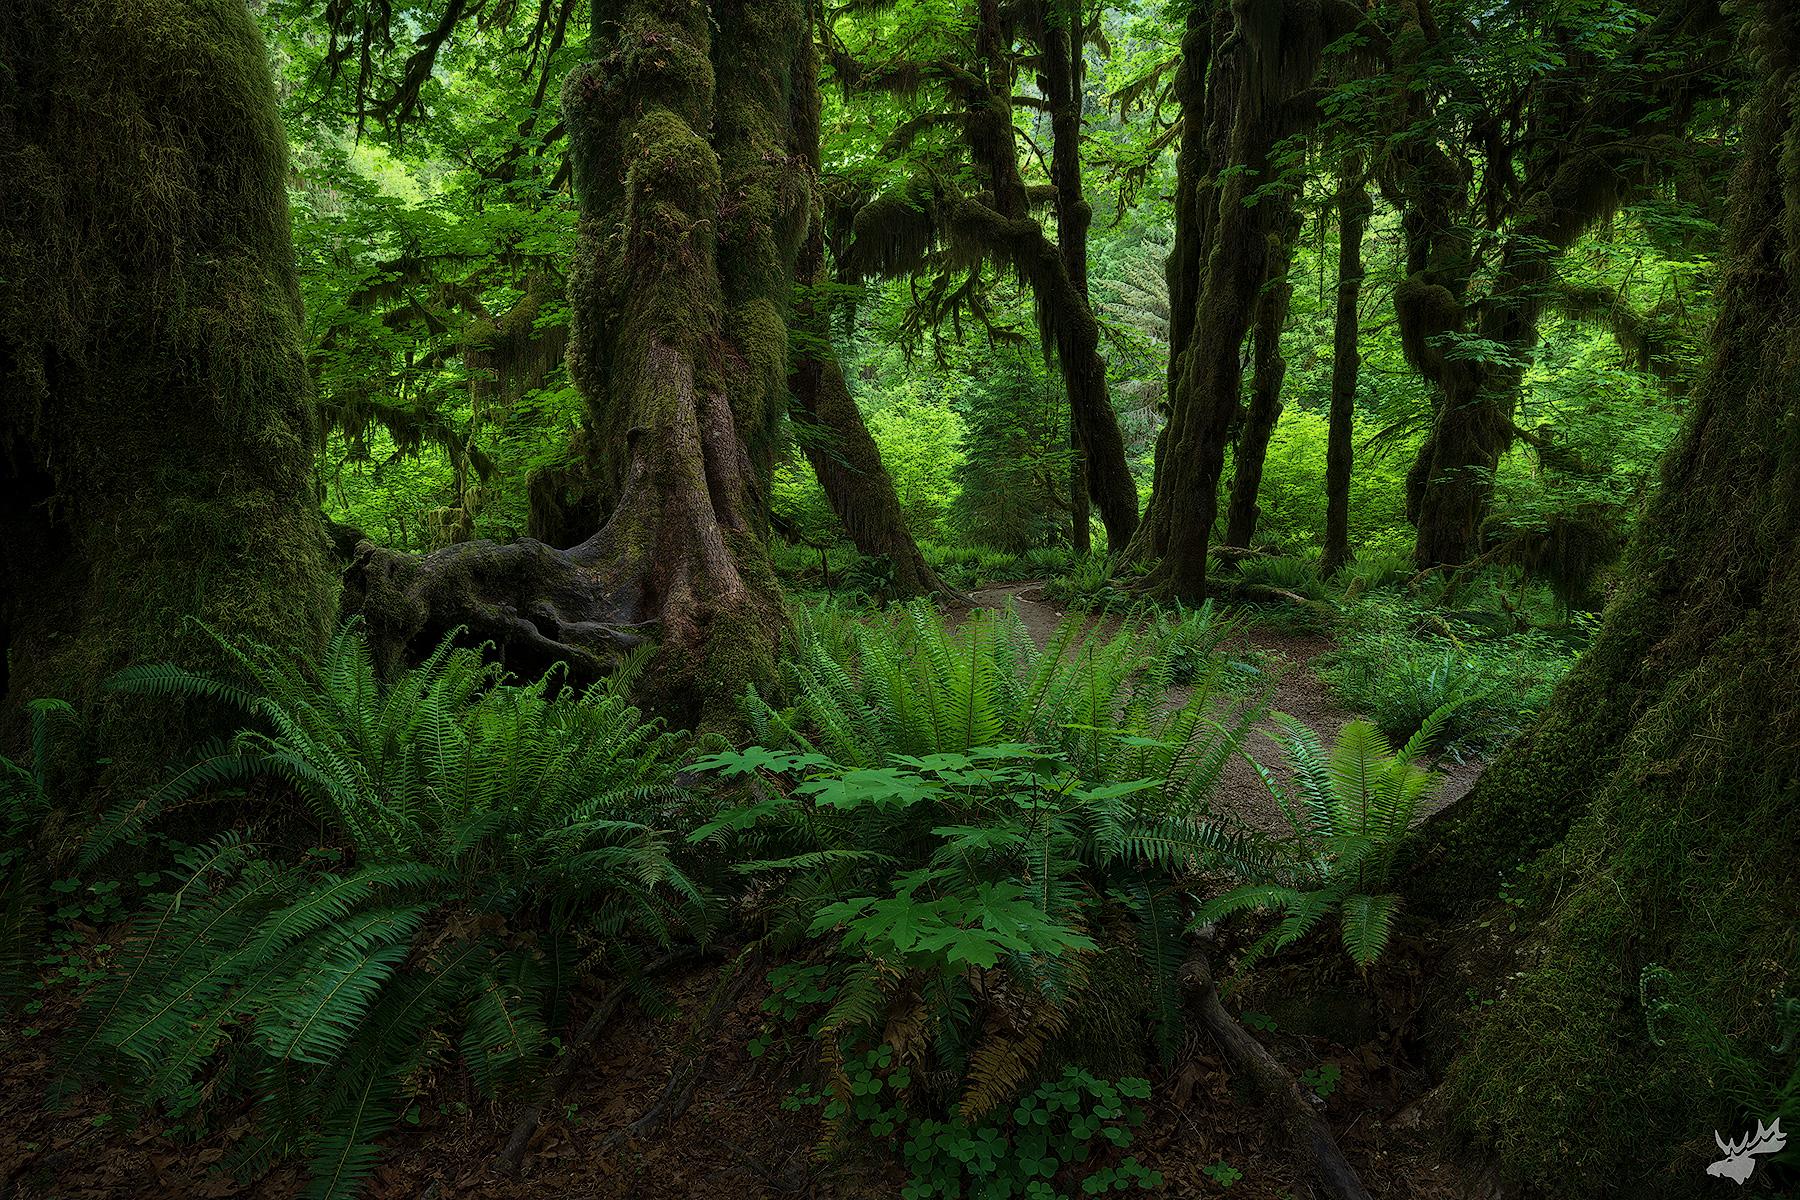 rainforest, green, forest